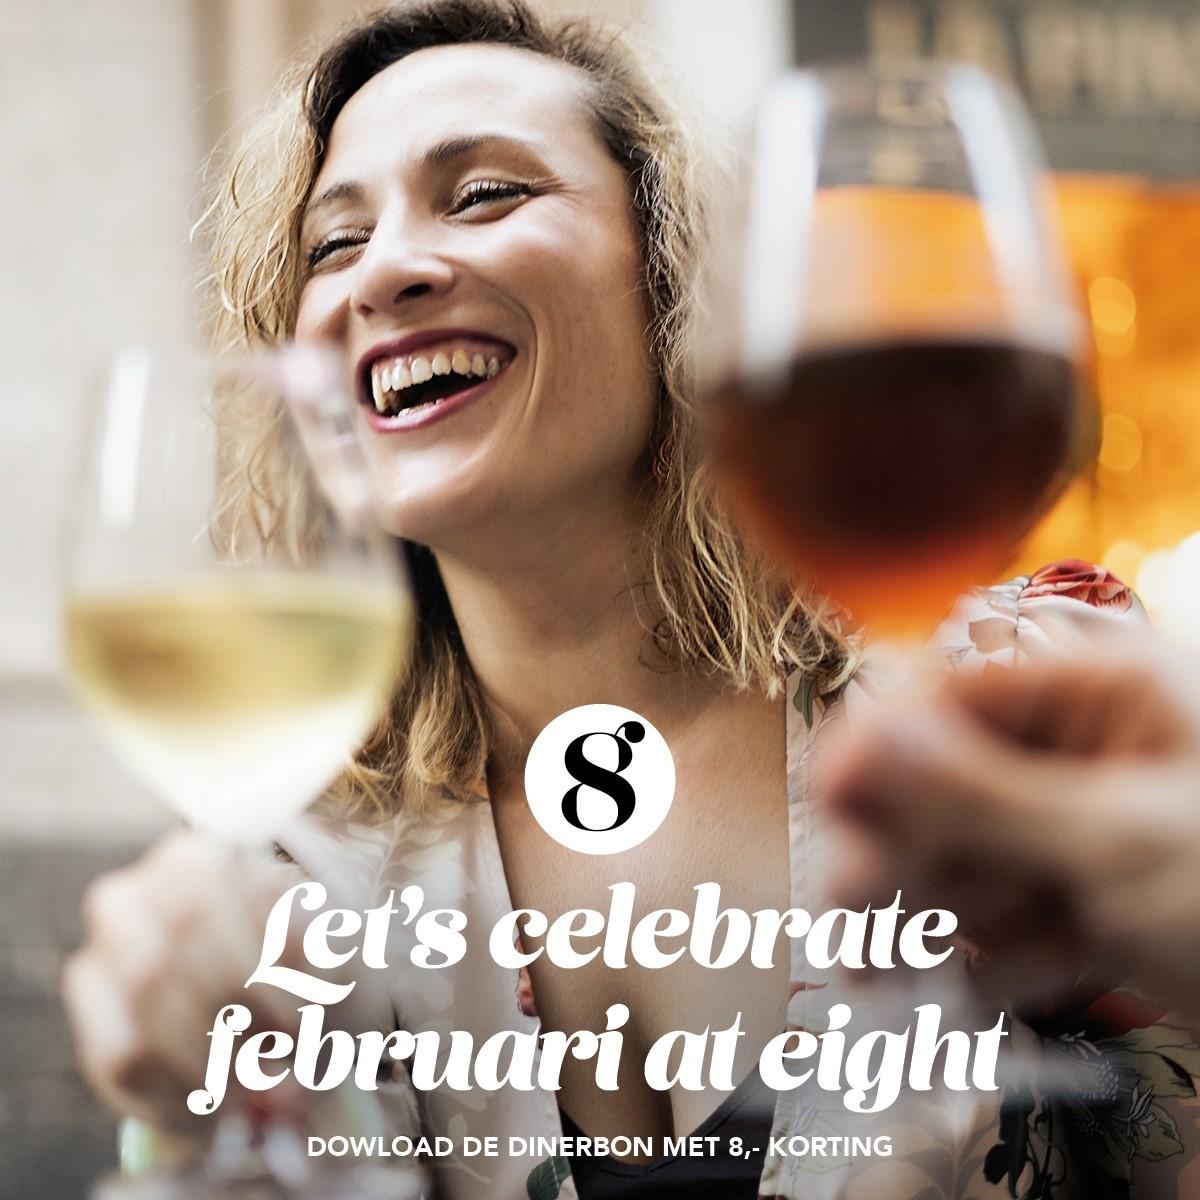 Februari-actie bij Grand Café Eight: 8 euro korting op diner voor twee